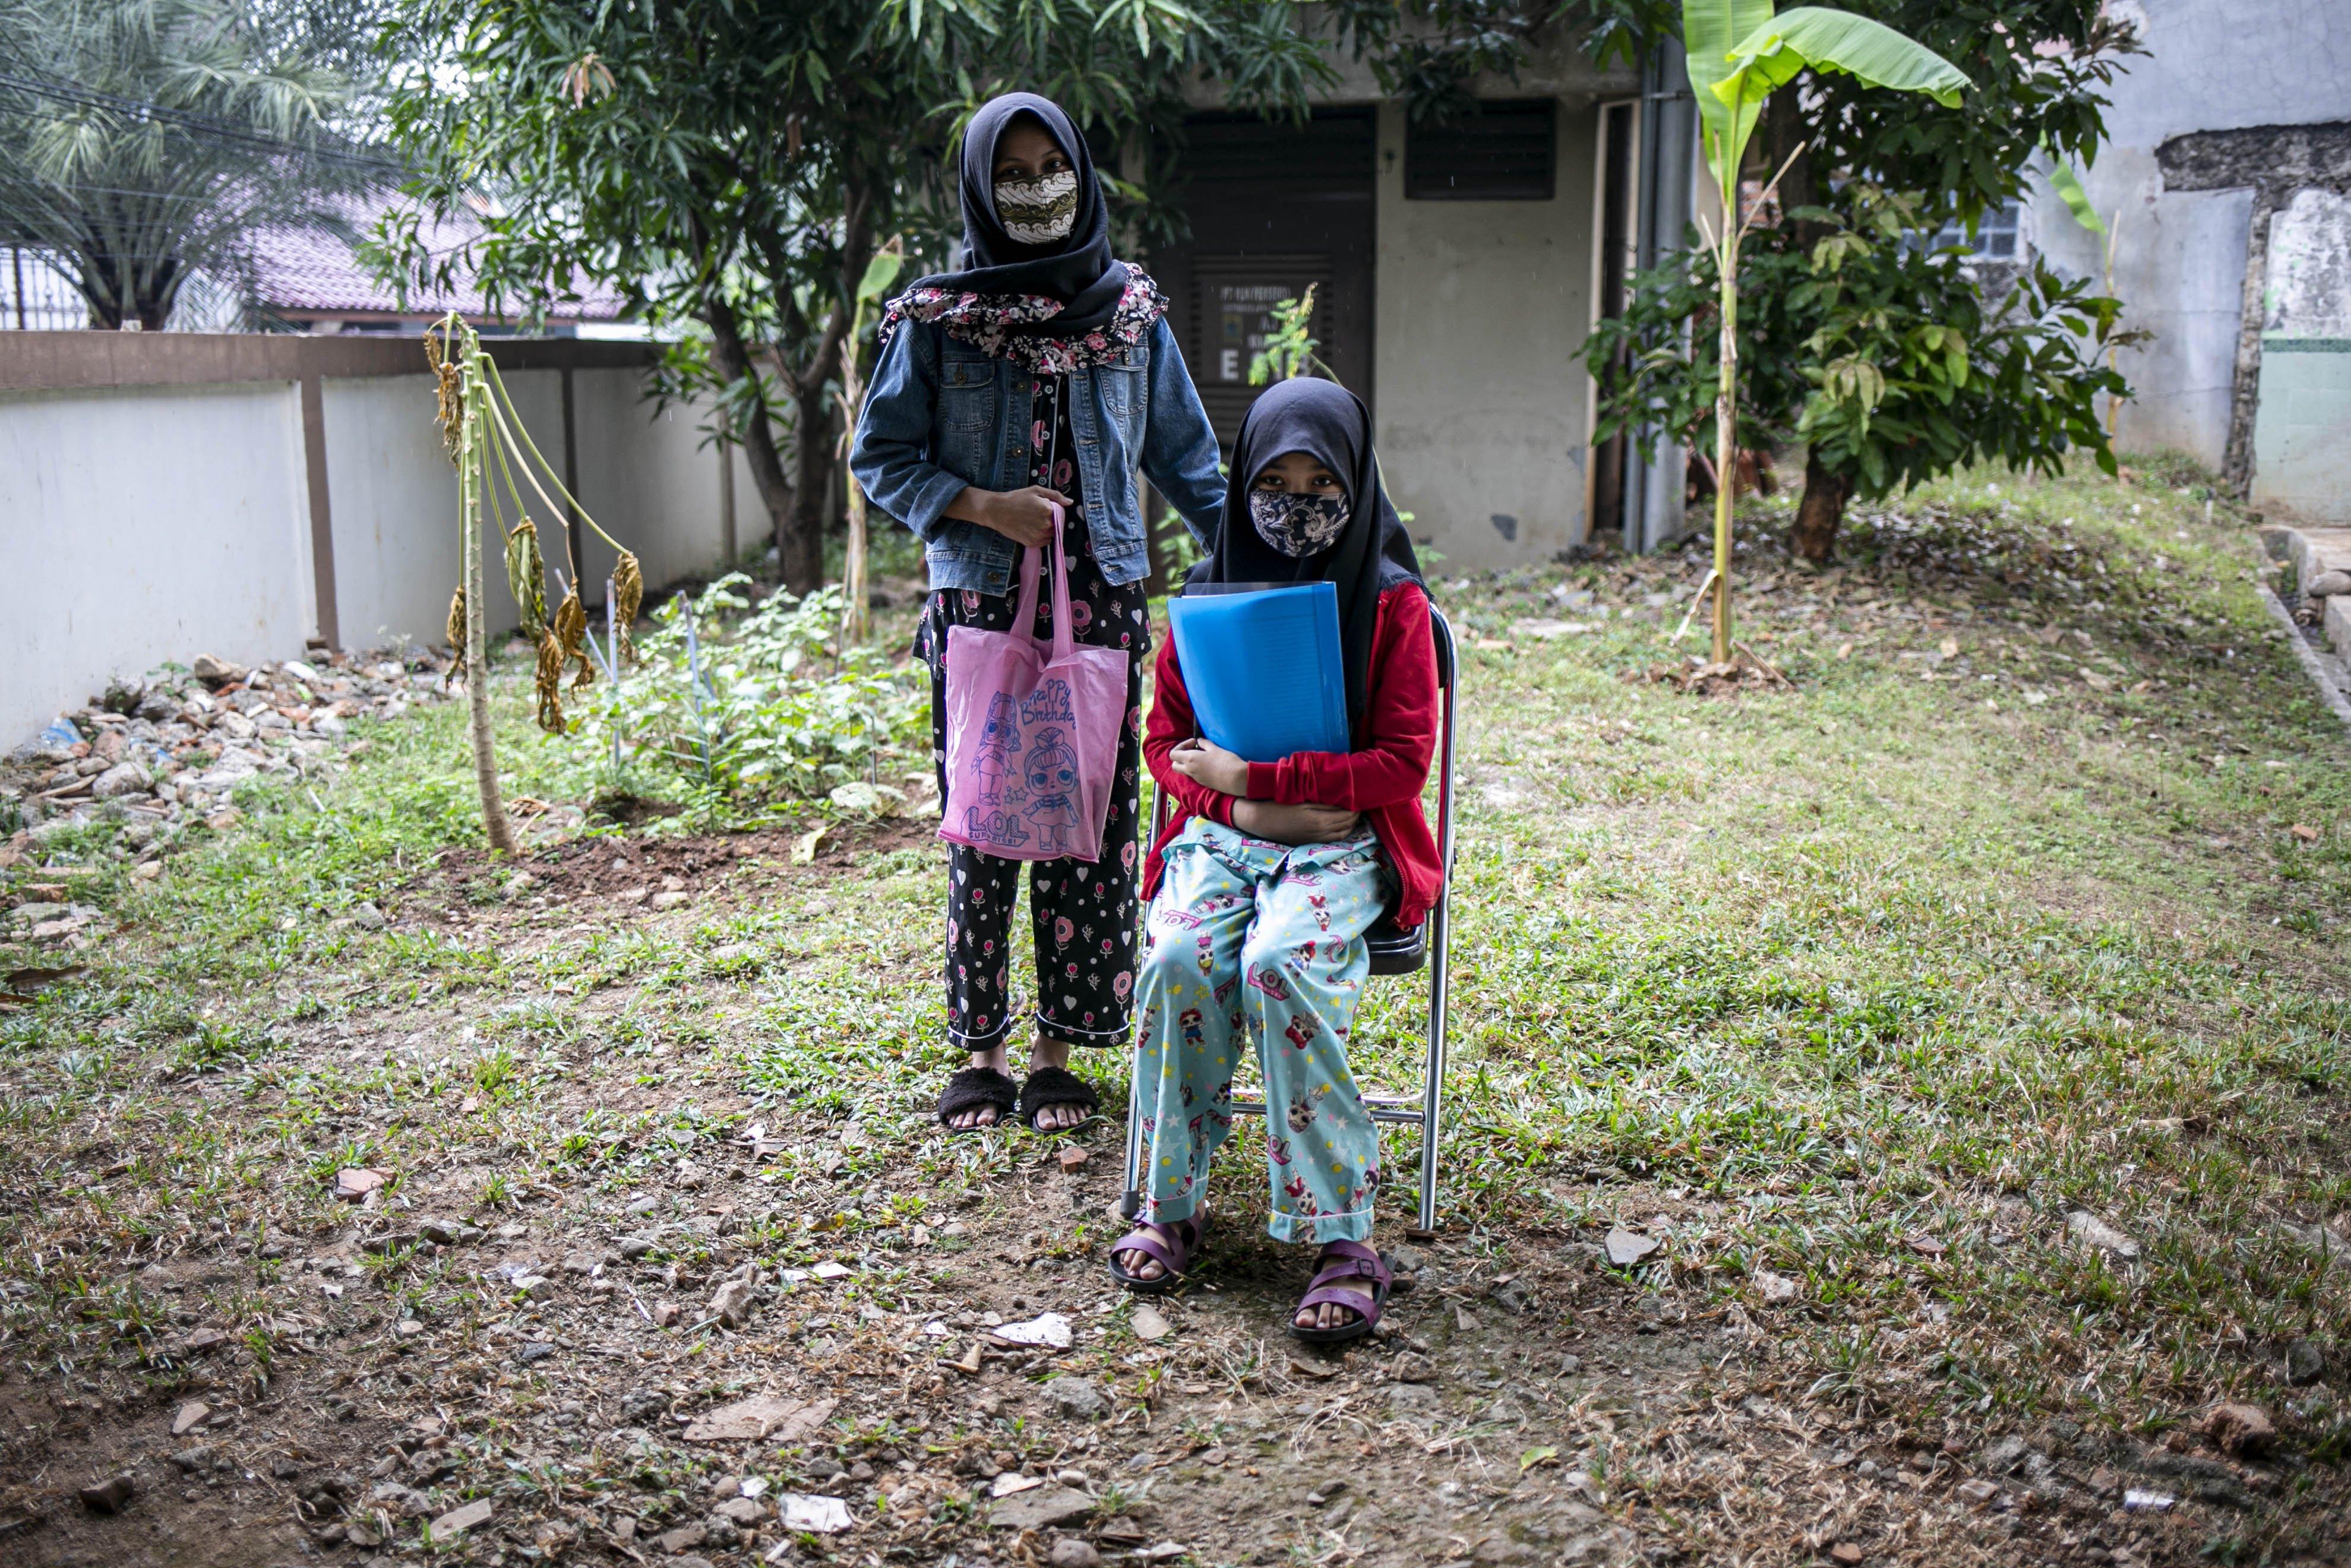 Potrait Anita (13) kakanya Ines, siswi SMPN 35 Bekasi sebelum ngikuti belajar secara daring di Kelurahan Jatirahayu, Bekasi, Jawa Barat, Selasa (4/8/2020). Kelurahan tersebut menyediakan fasilitas WiFi untuk siswa-siswi sekolah yang terkendala sistem belajar secara daring.